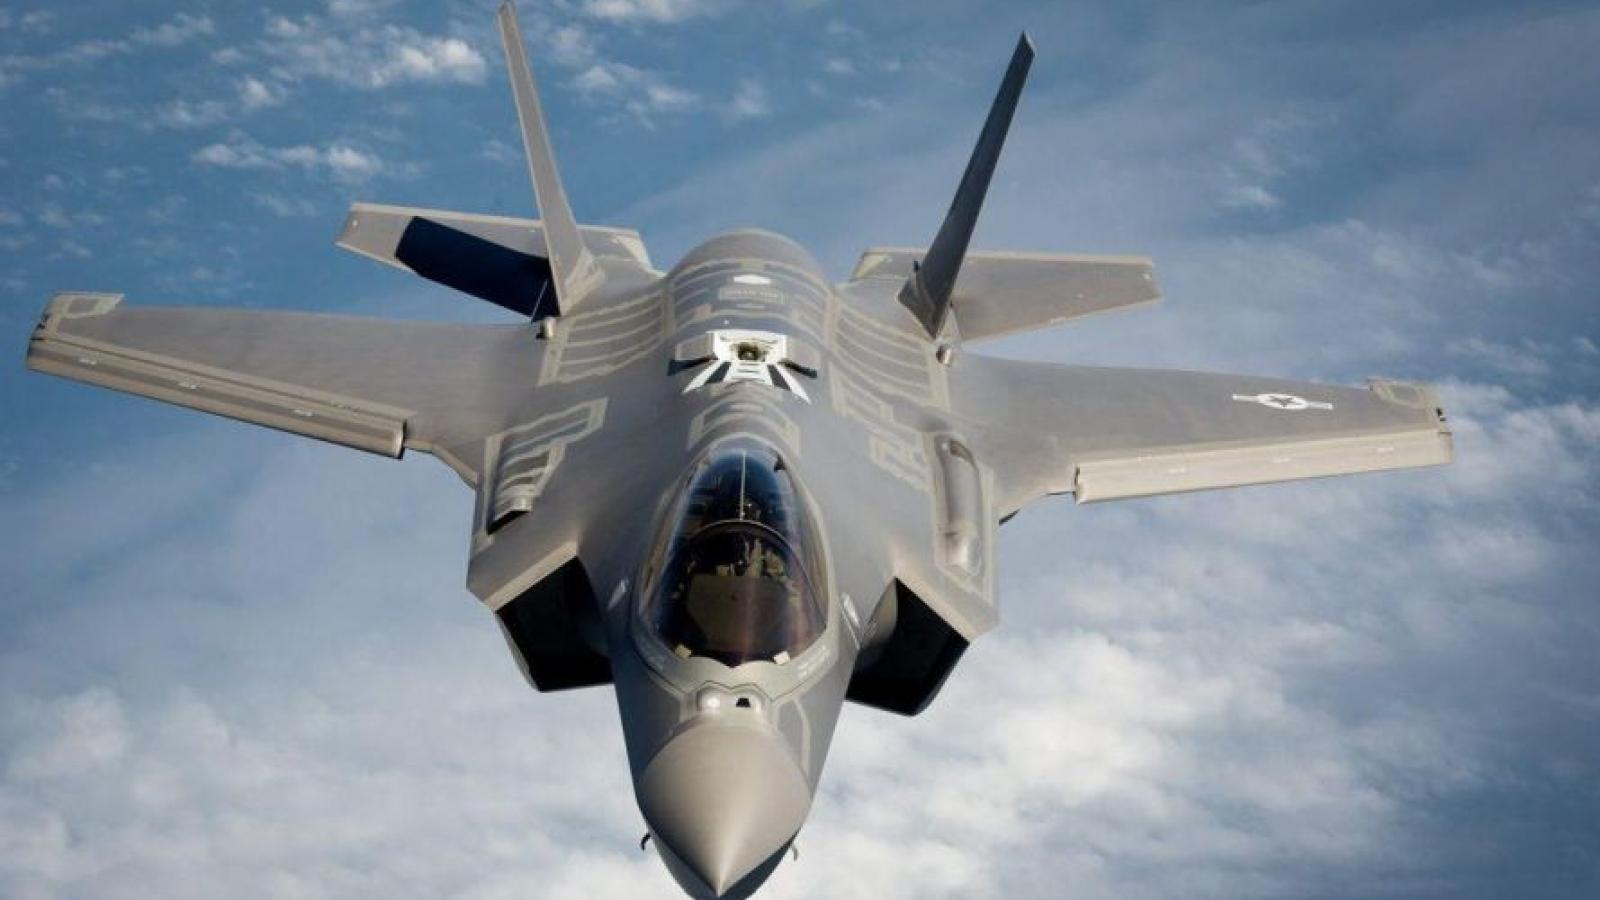 Nữ phi công Mỹ trình diễn bay thử siêu tiêm kích F-35 đầy ấn tượng